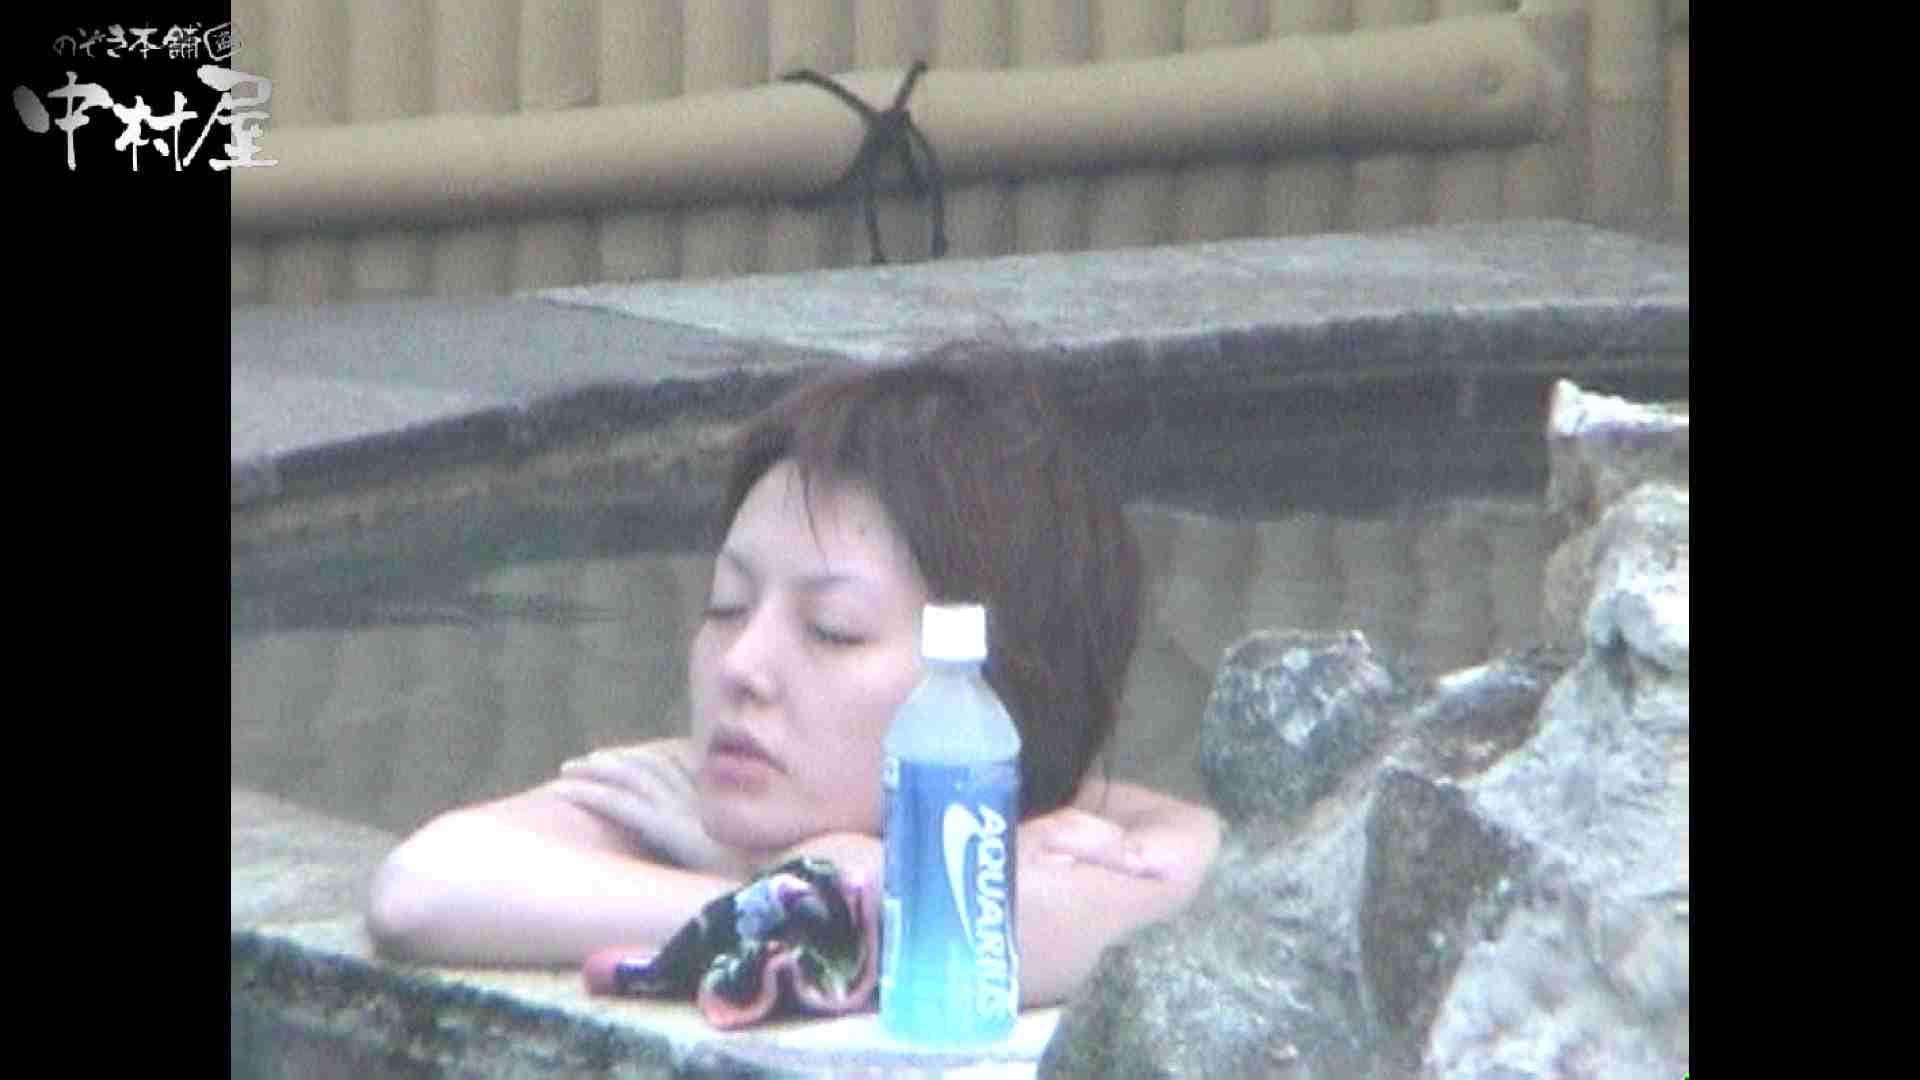 Aquaな露天風呂Vol.959 盗撮  53枚 24